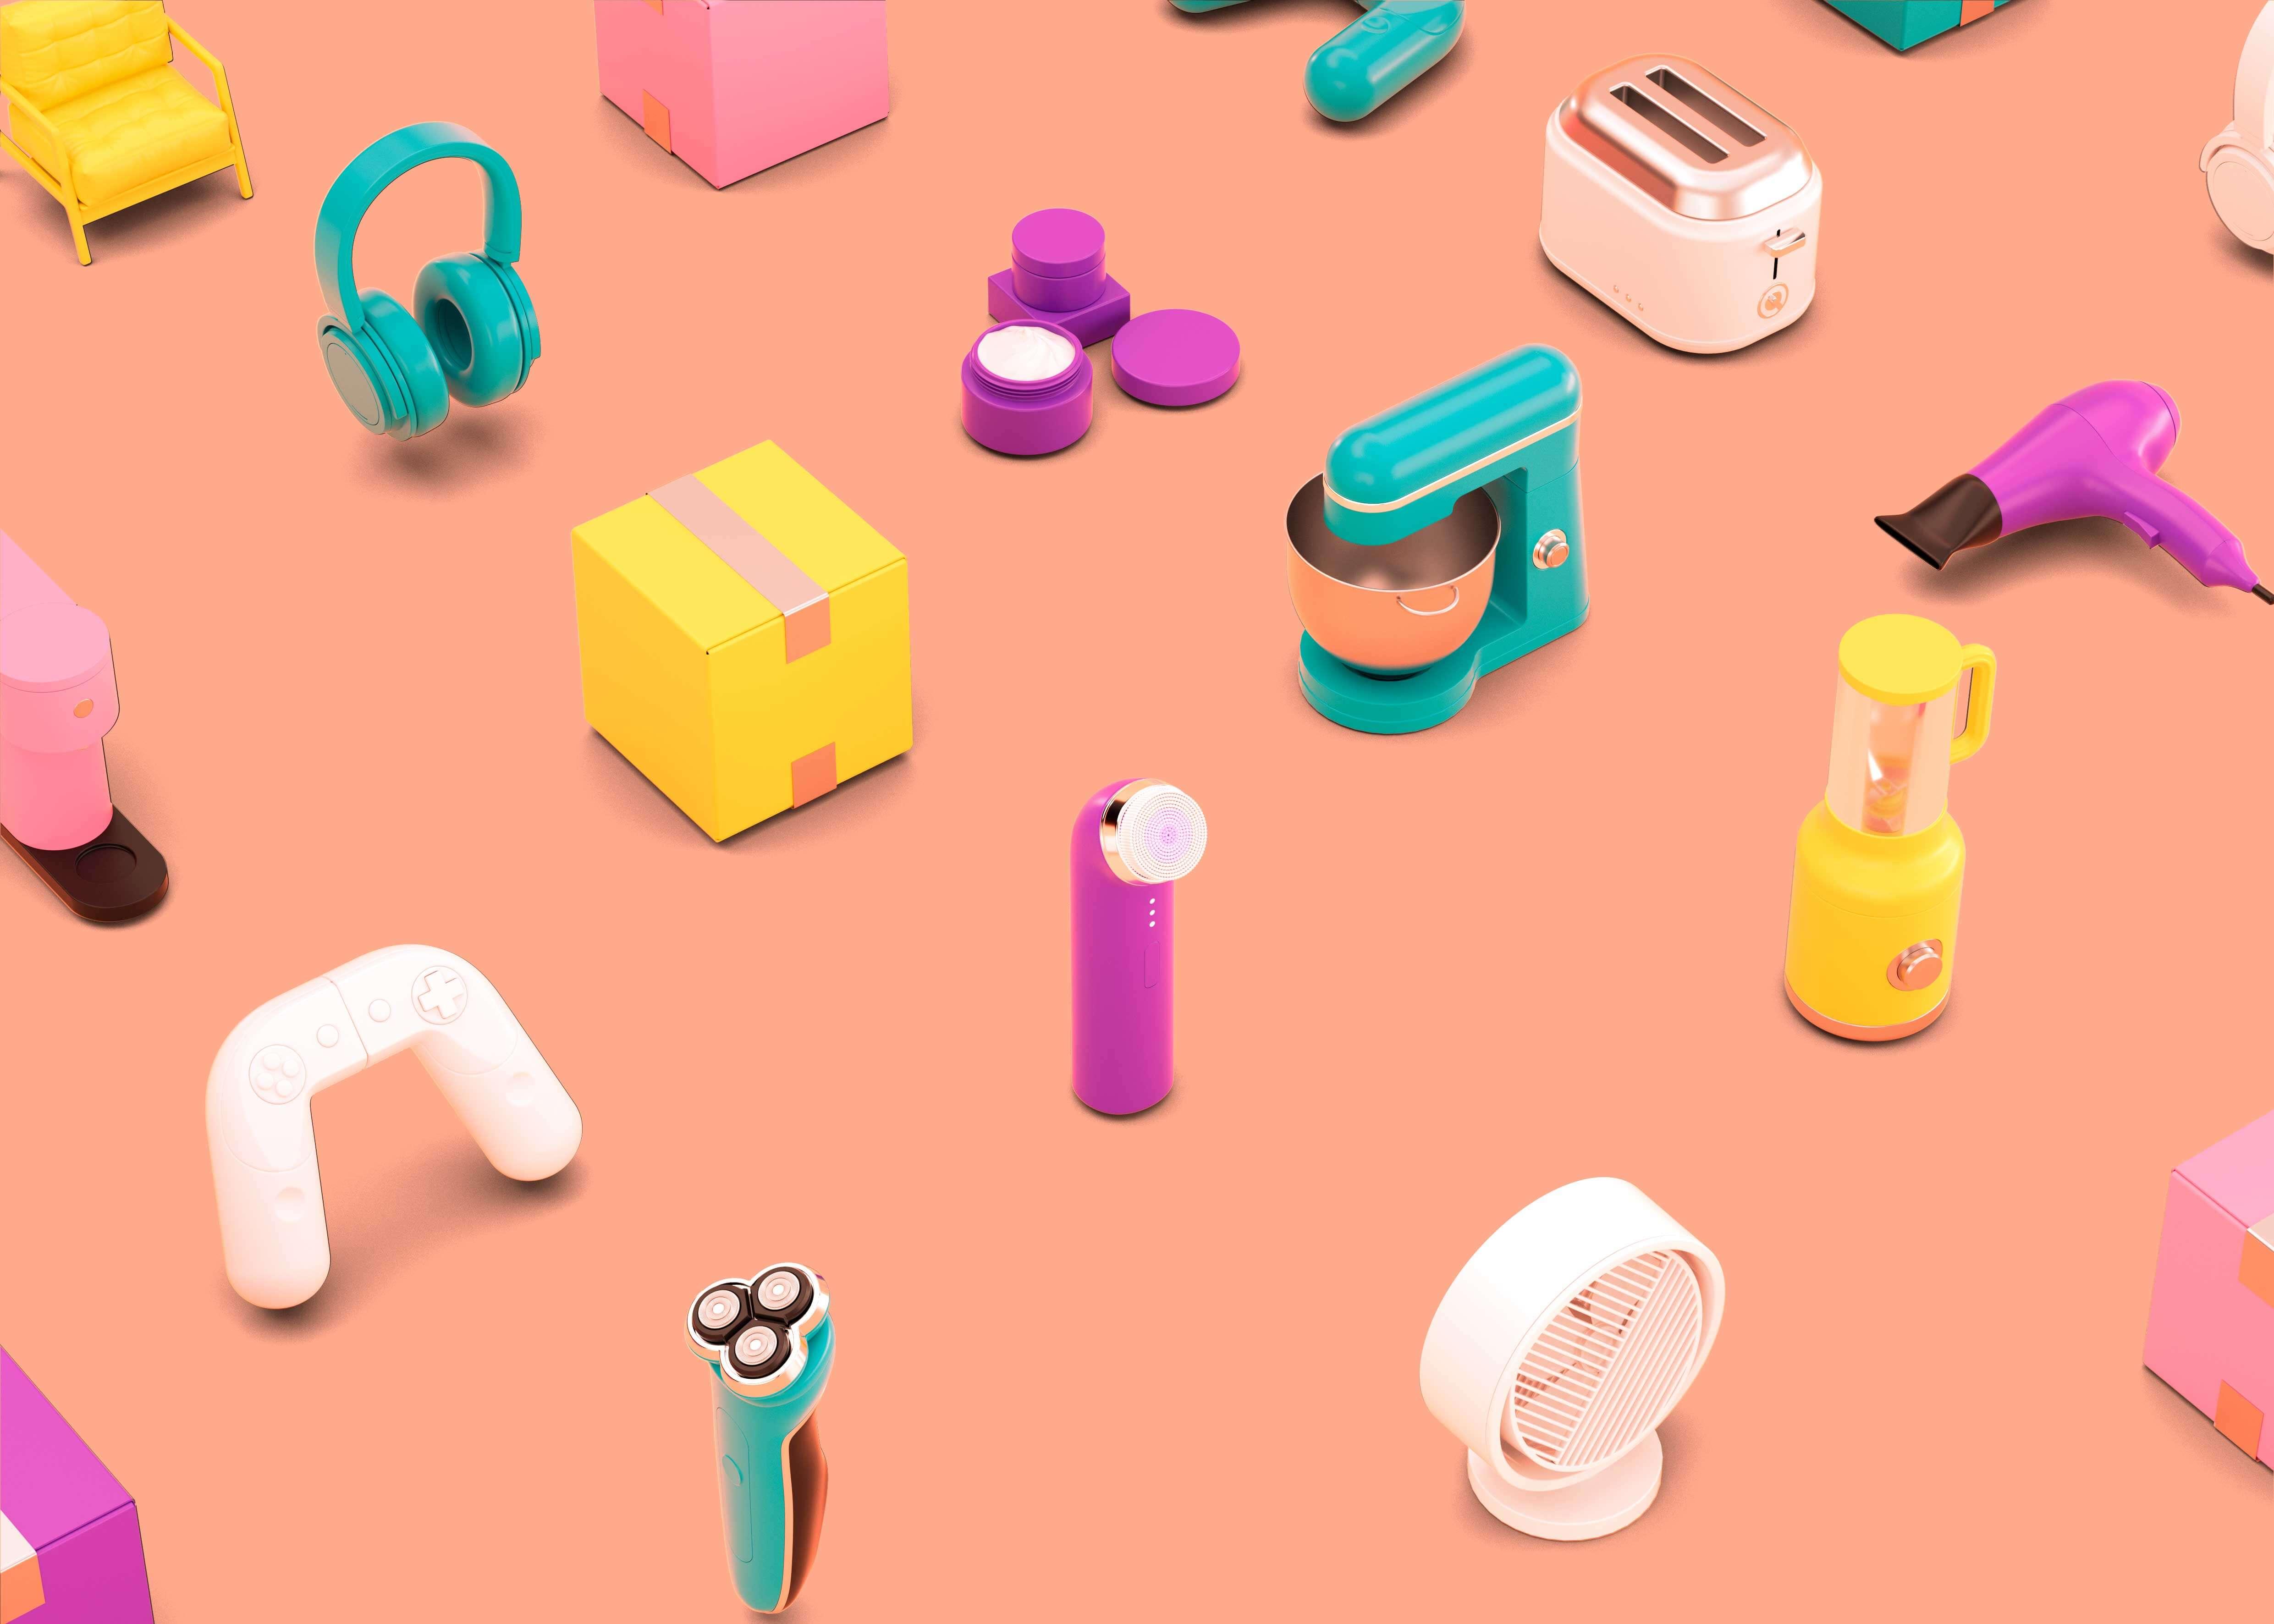 现代电子产品背景图素材 (psd)插图